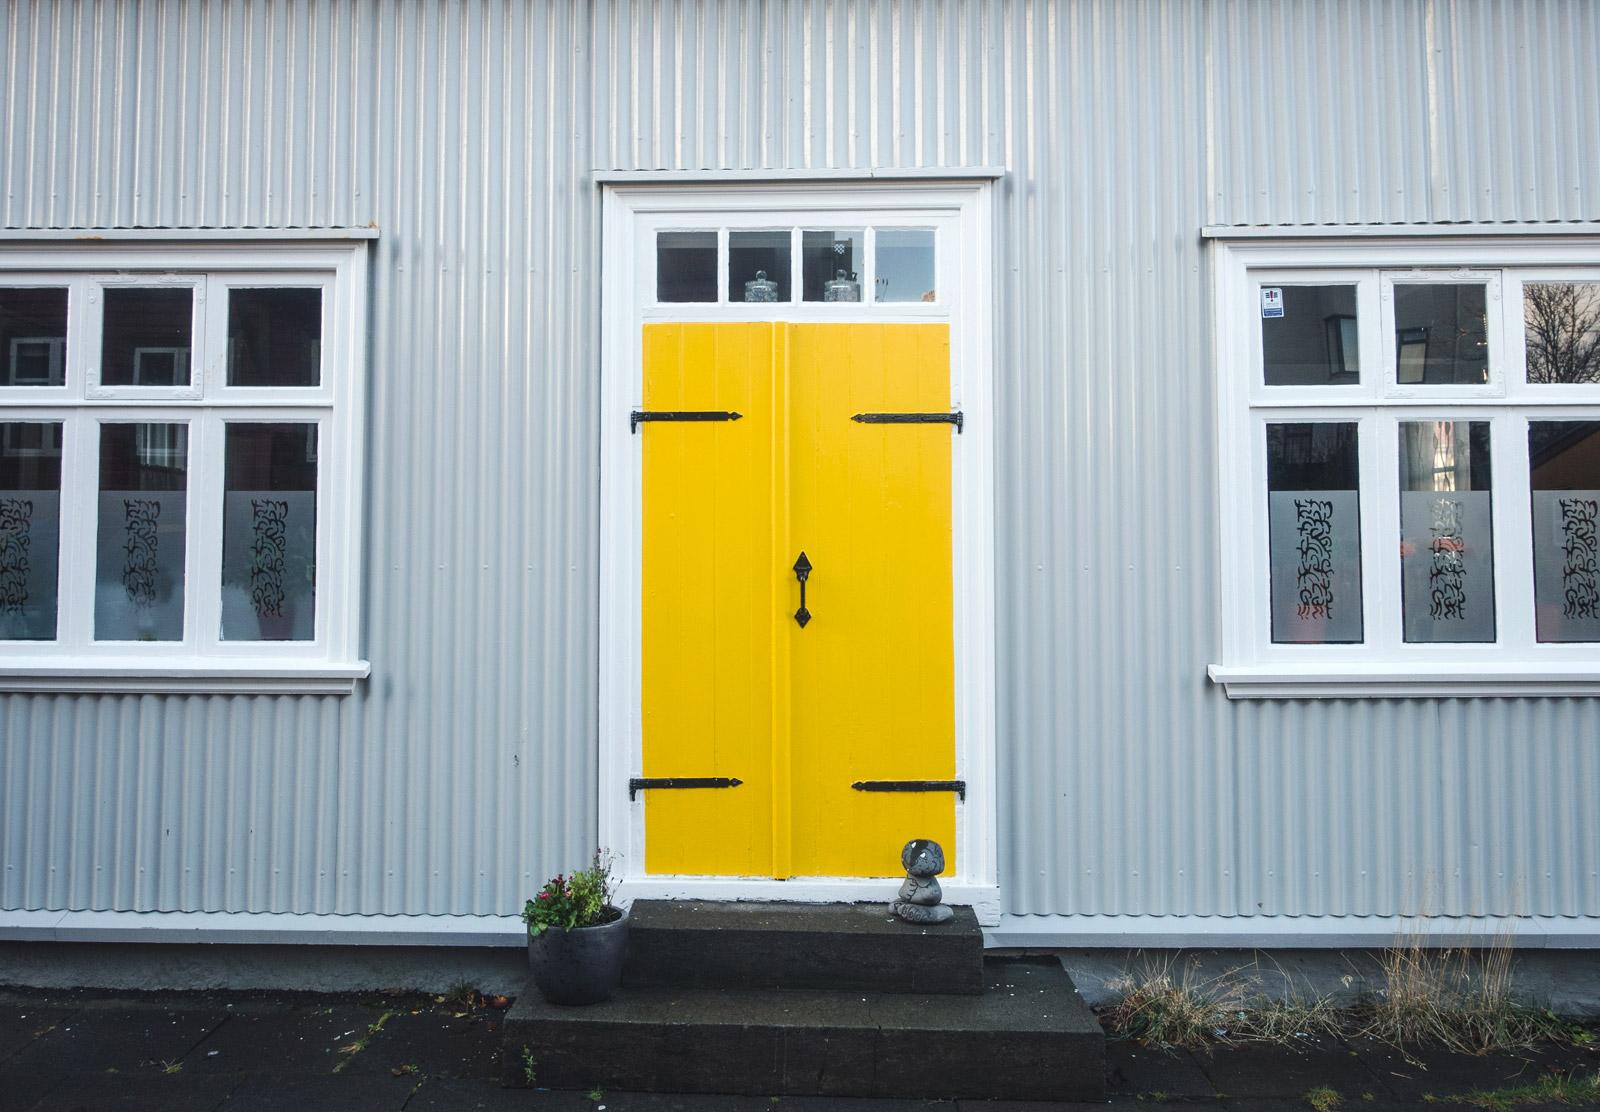 Grey building and yellow door